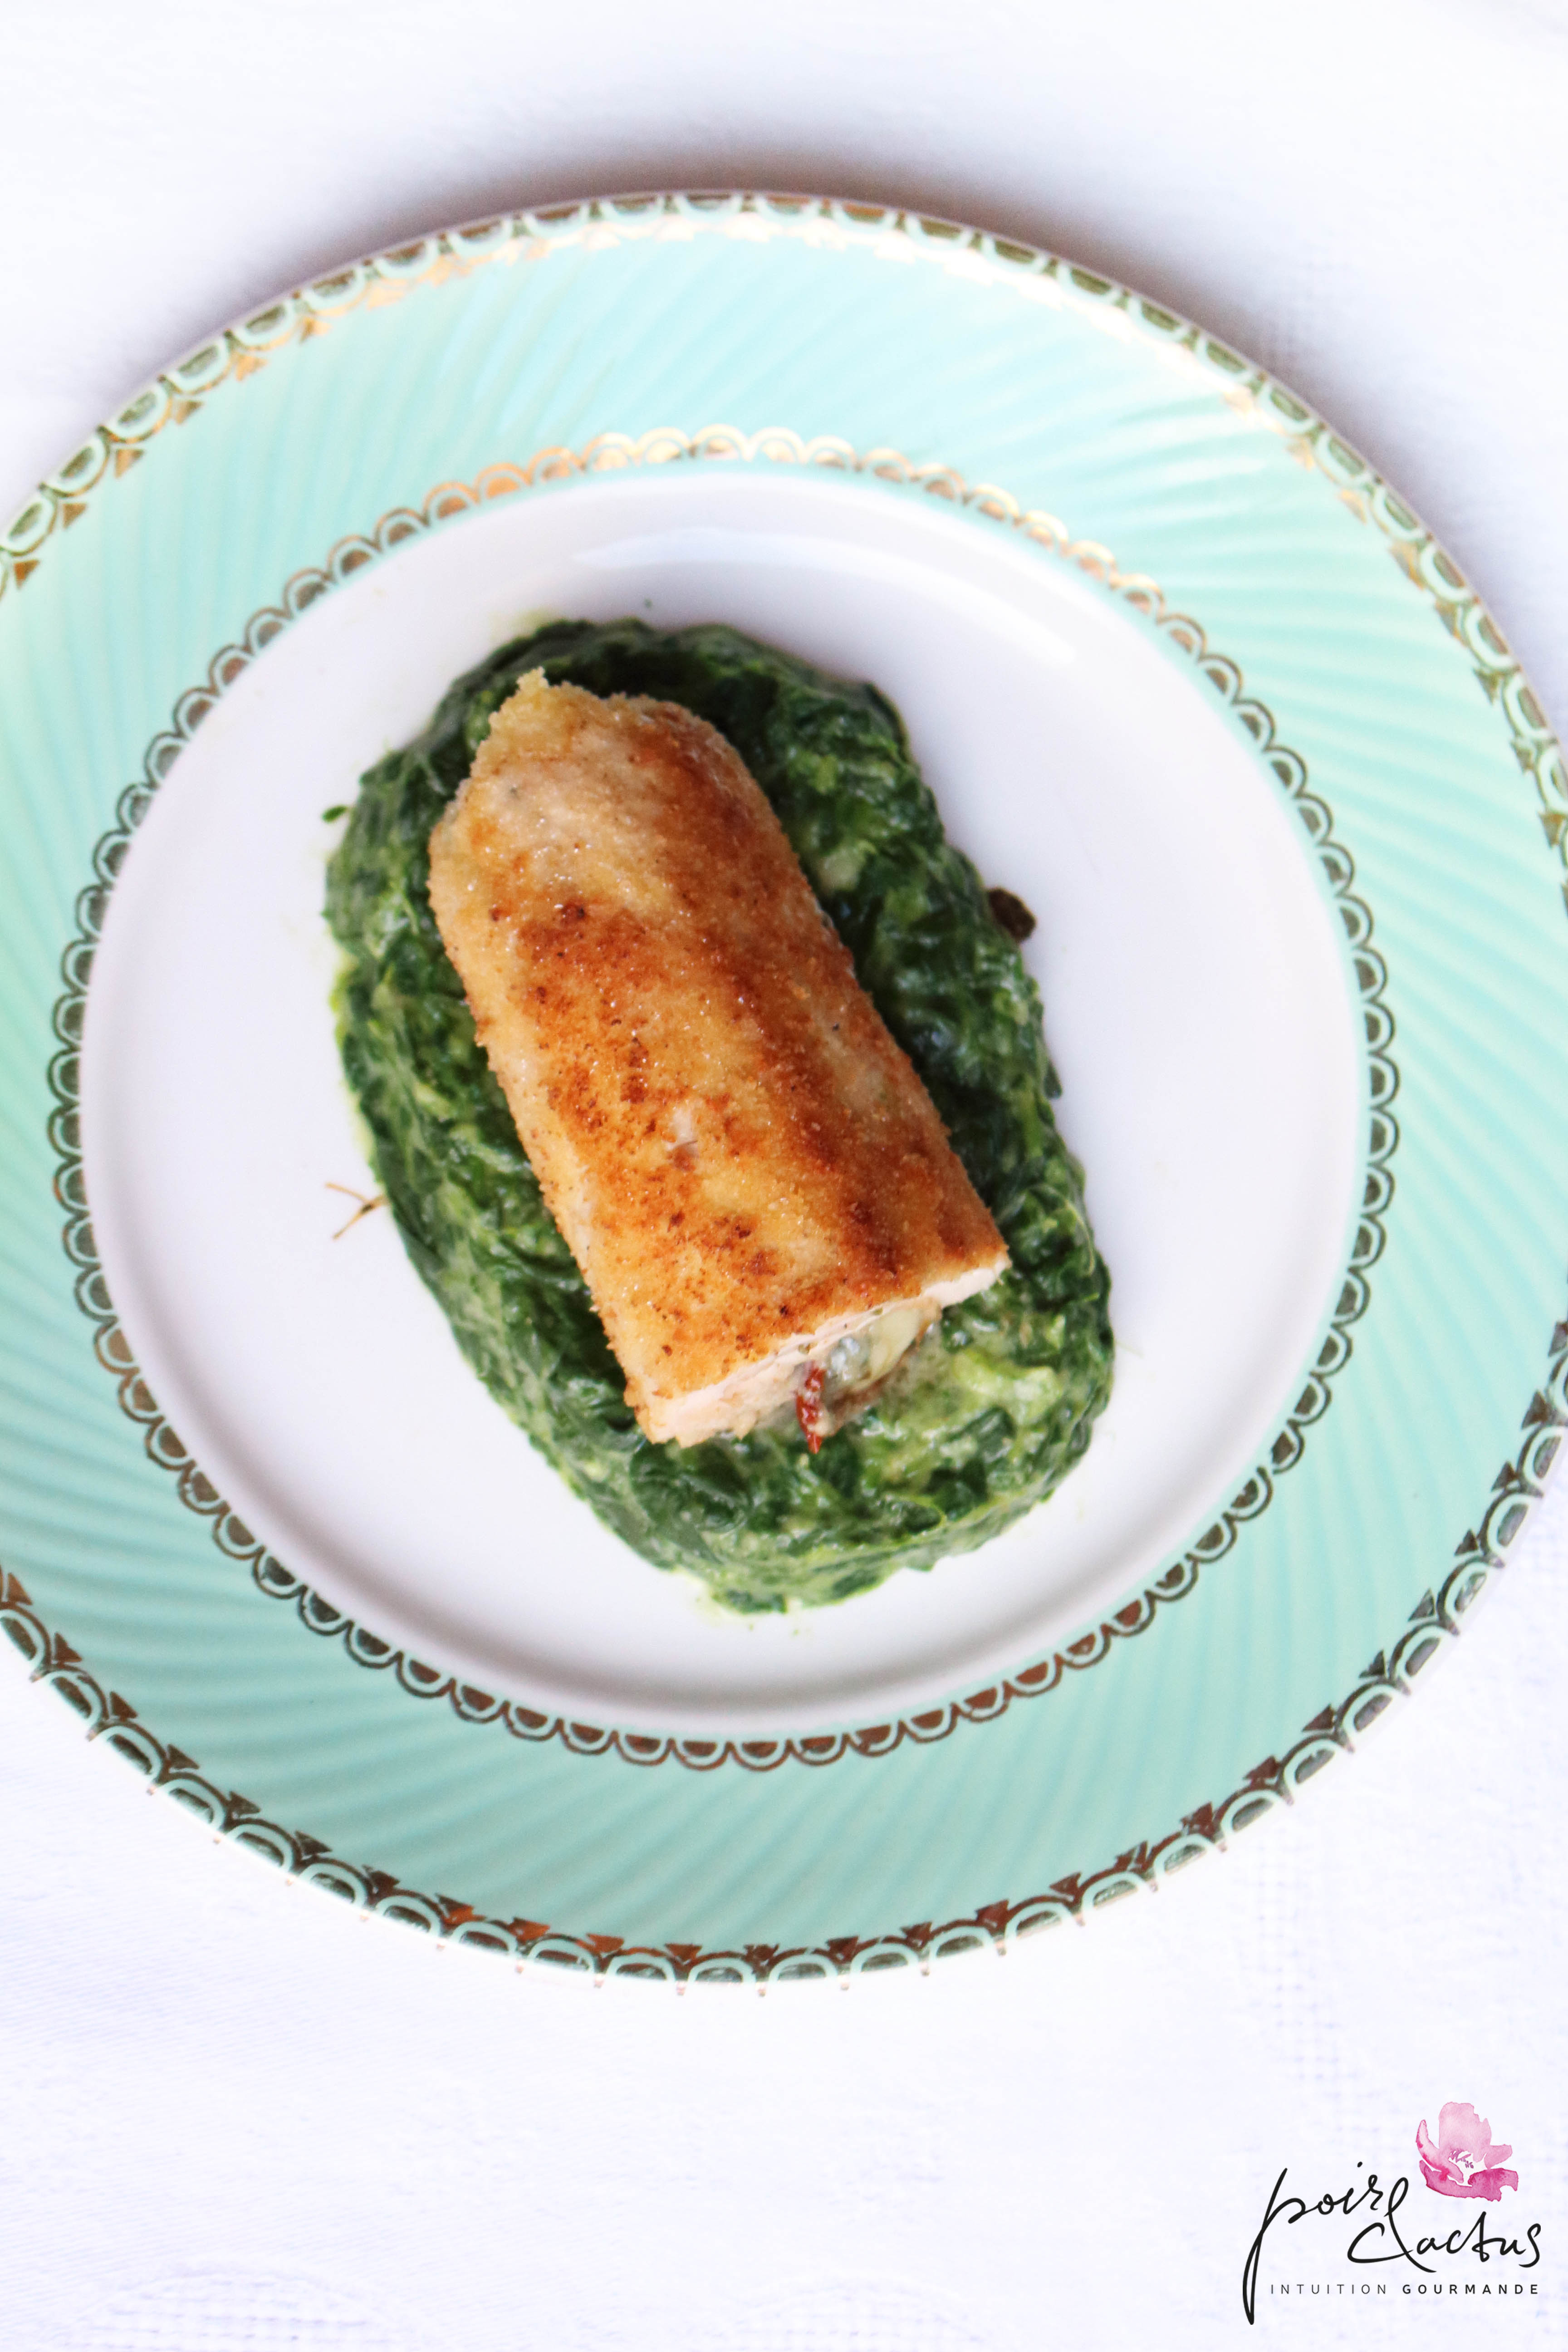 recette_cordon_bleu_roquefort_poiretcactus